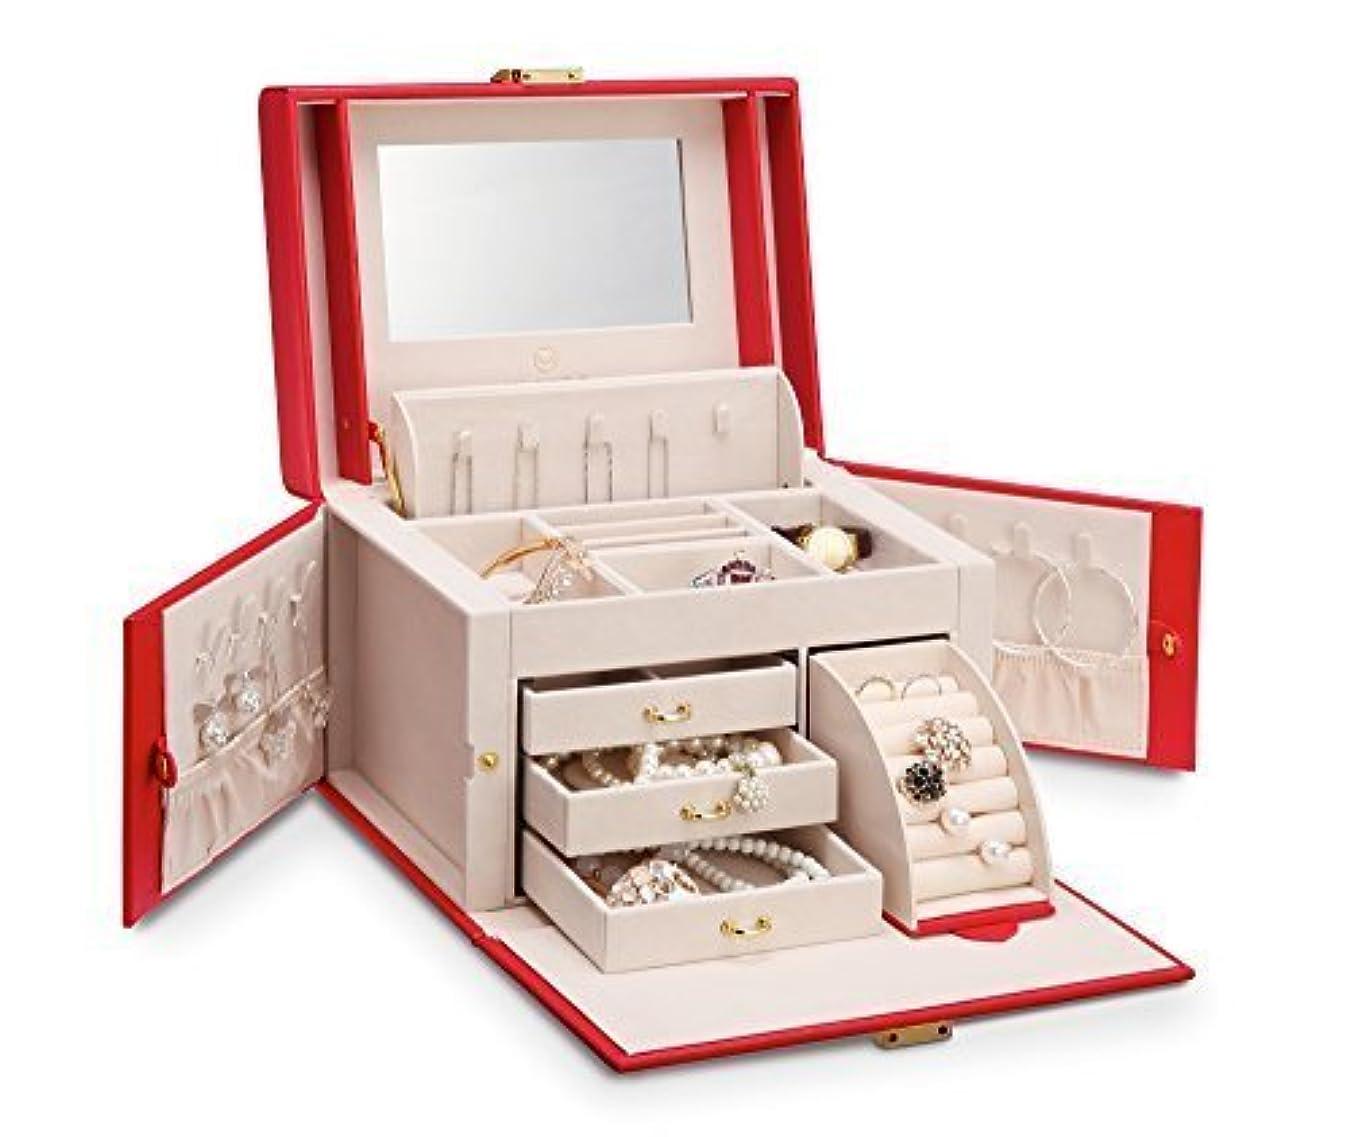 サロン交流するトムオードリースVlando ジュエリーボックス 収納 アクセサリーケース 大容量の宝石箱 ミラー 鏡付き ピアス ネックレス 指輪 リング アクセサリー 指輪置き ジュエリーバッグ 6色 (赤)